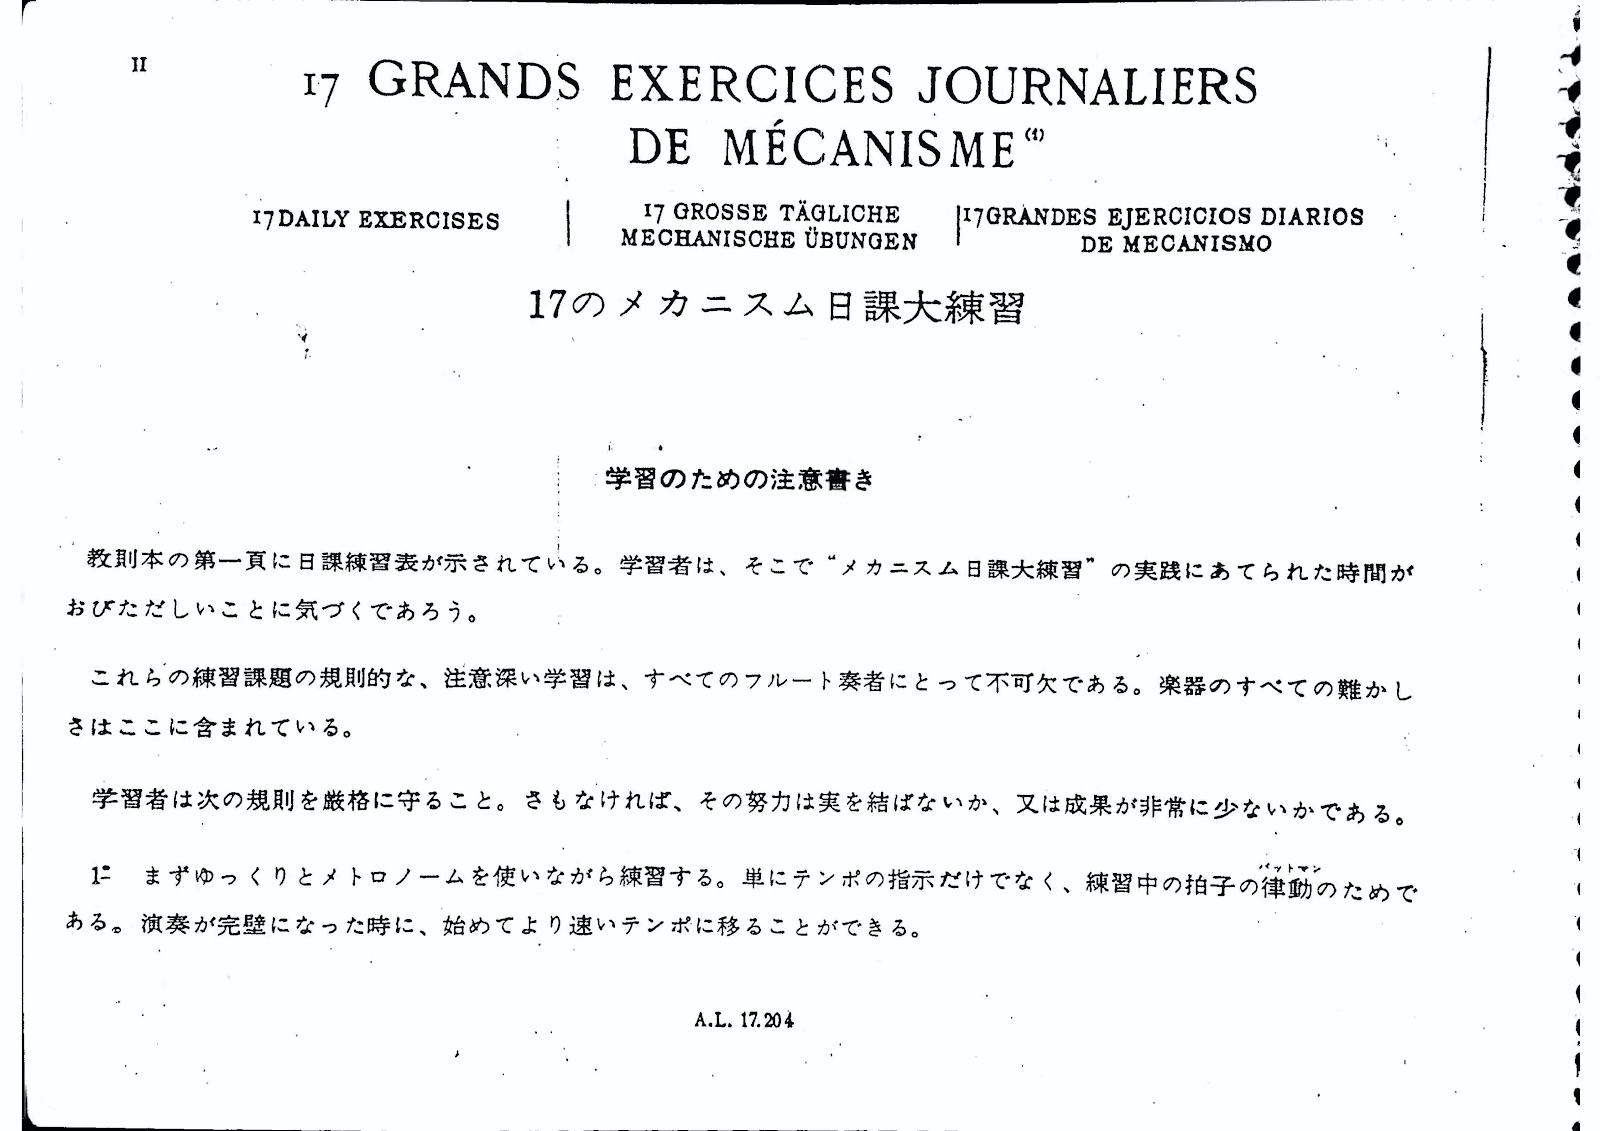 دانلود کتاب ۱۷ تمرین عالی برای فلوت نوشته P. Taffanel و  Ph. Gaubert